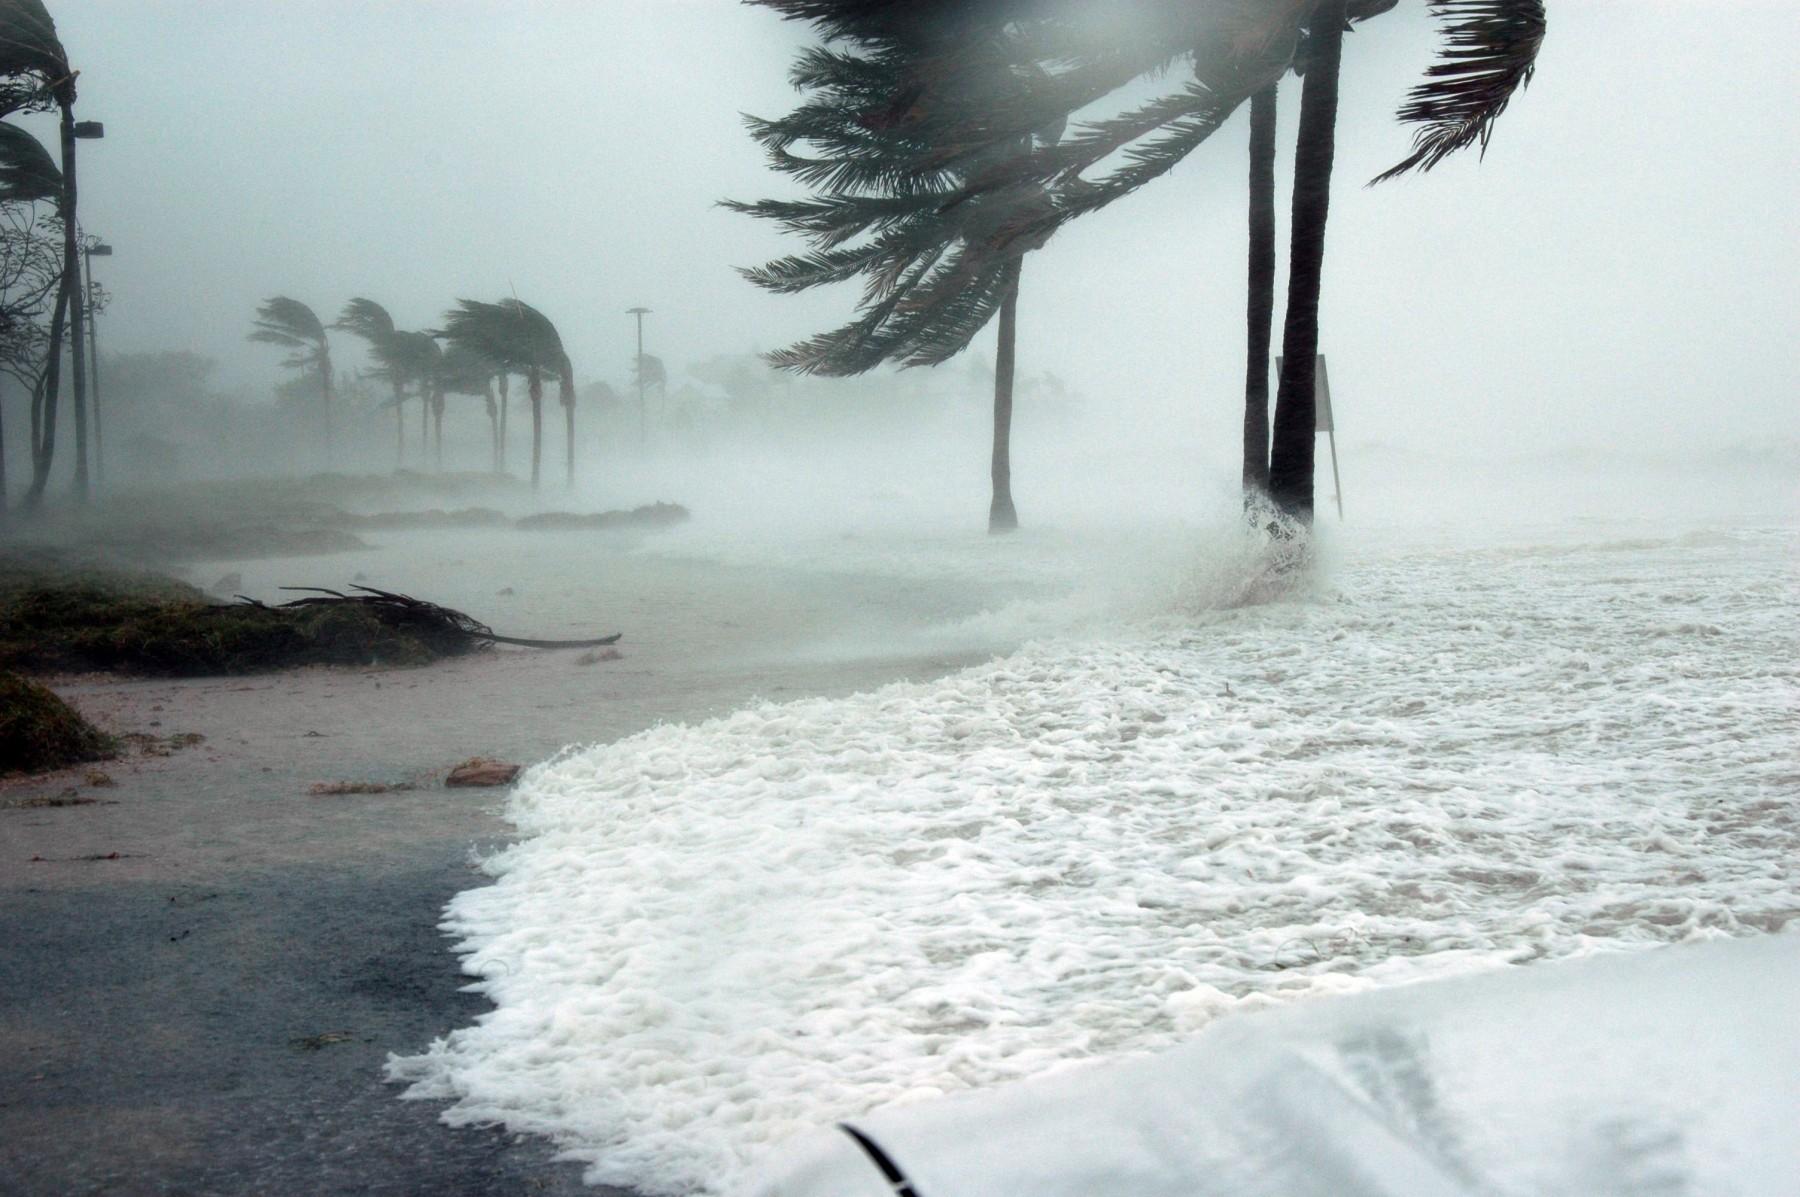 Προειδόποιηση προς ναυτικούς: Τυφώνας κατηγορίας 4 καταφθάνει στο Μεξικό